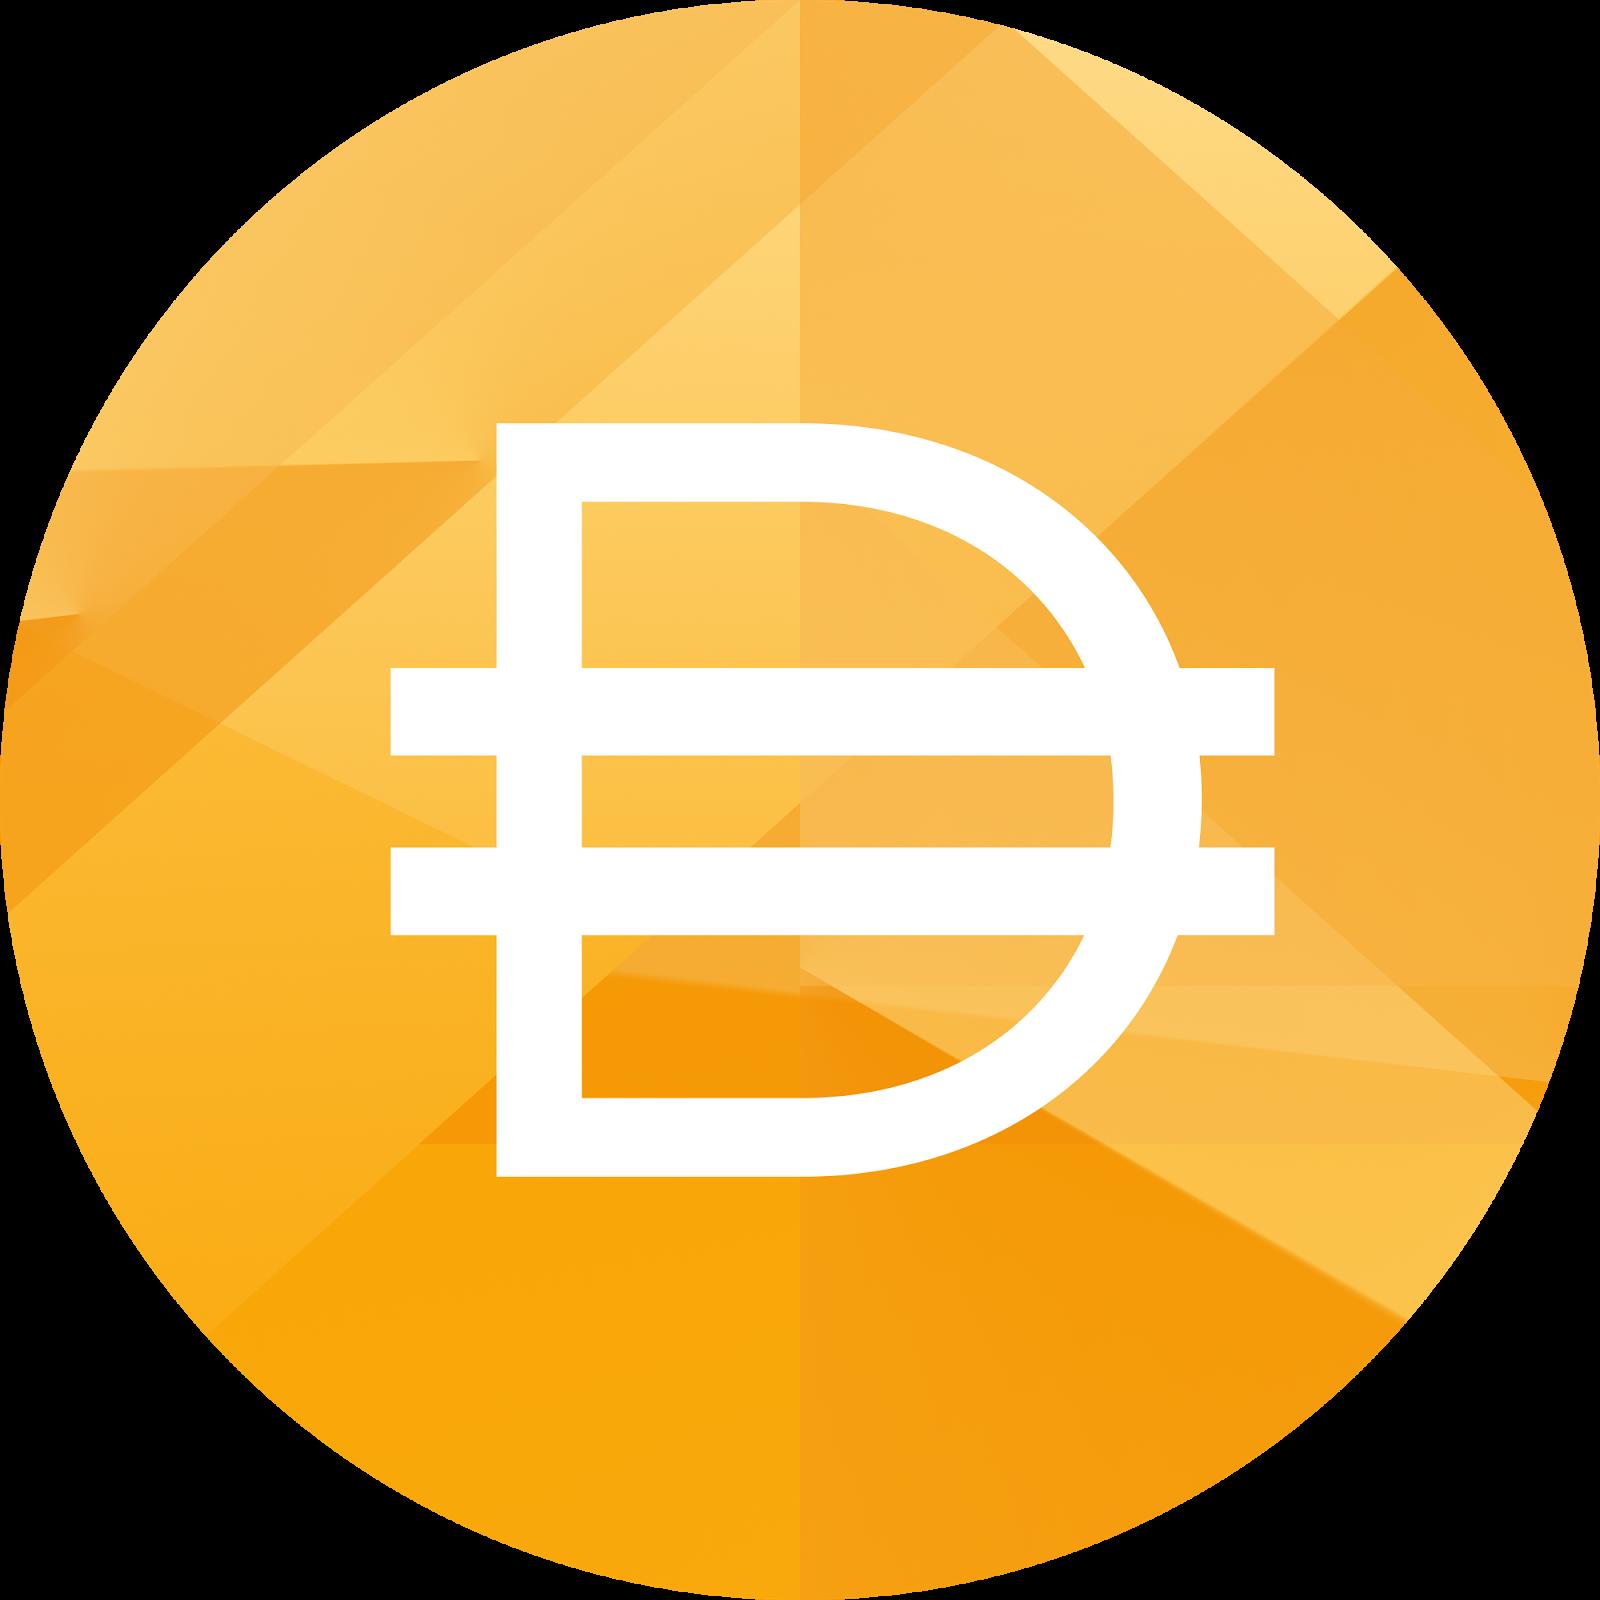 SatoshiTango ahora tiene a Dai entre su gama de criptomonedas para sus usuarios